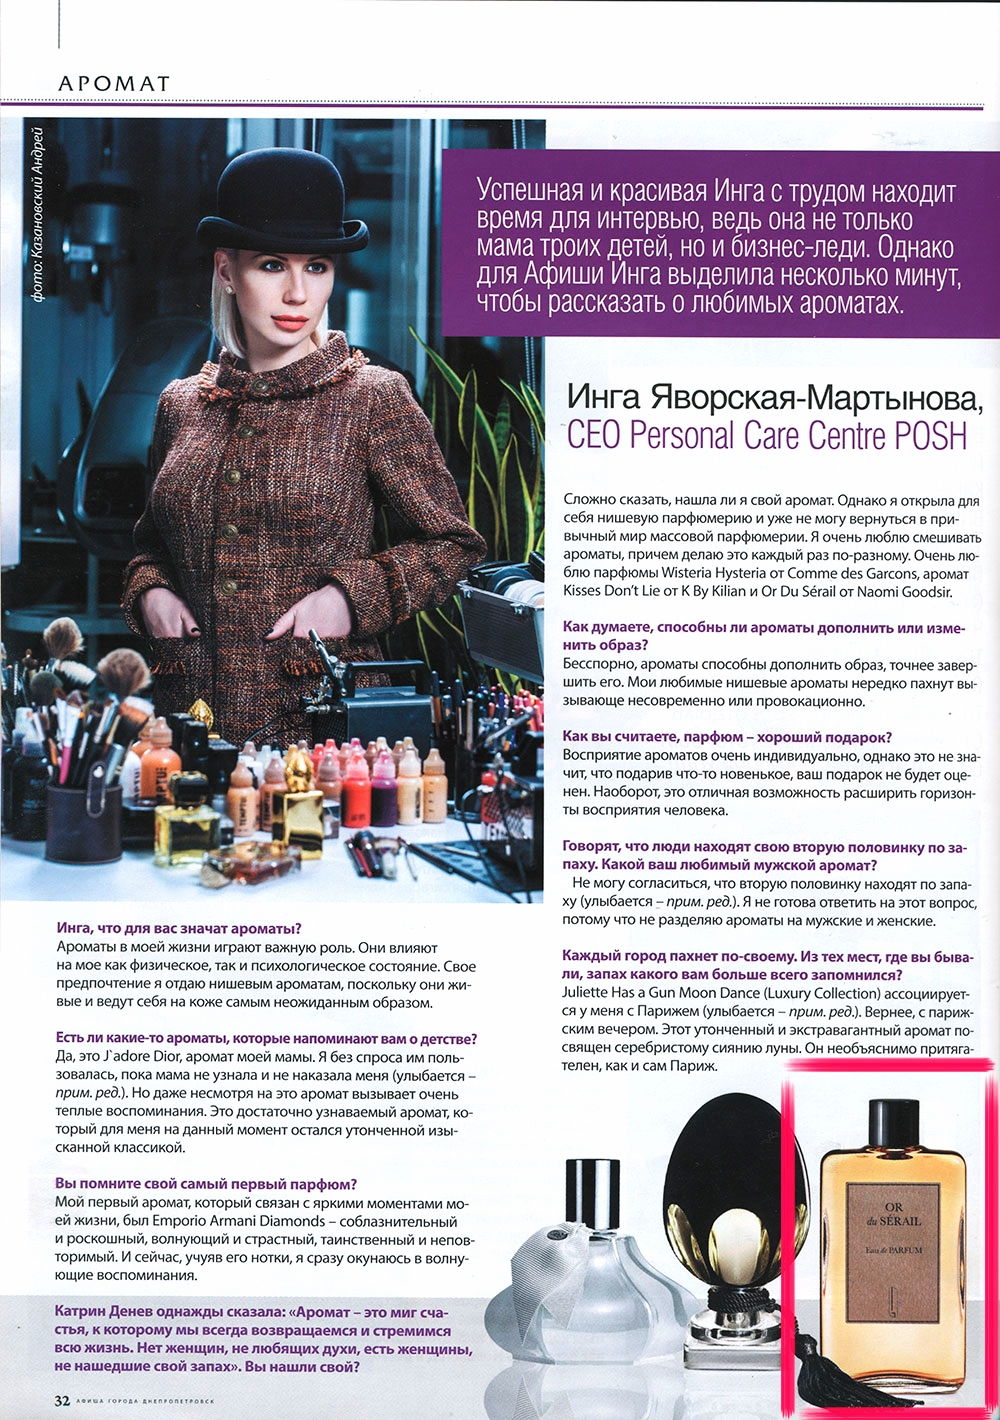 Copy of Magazine, Ukraine